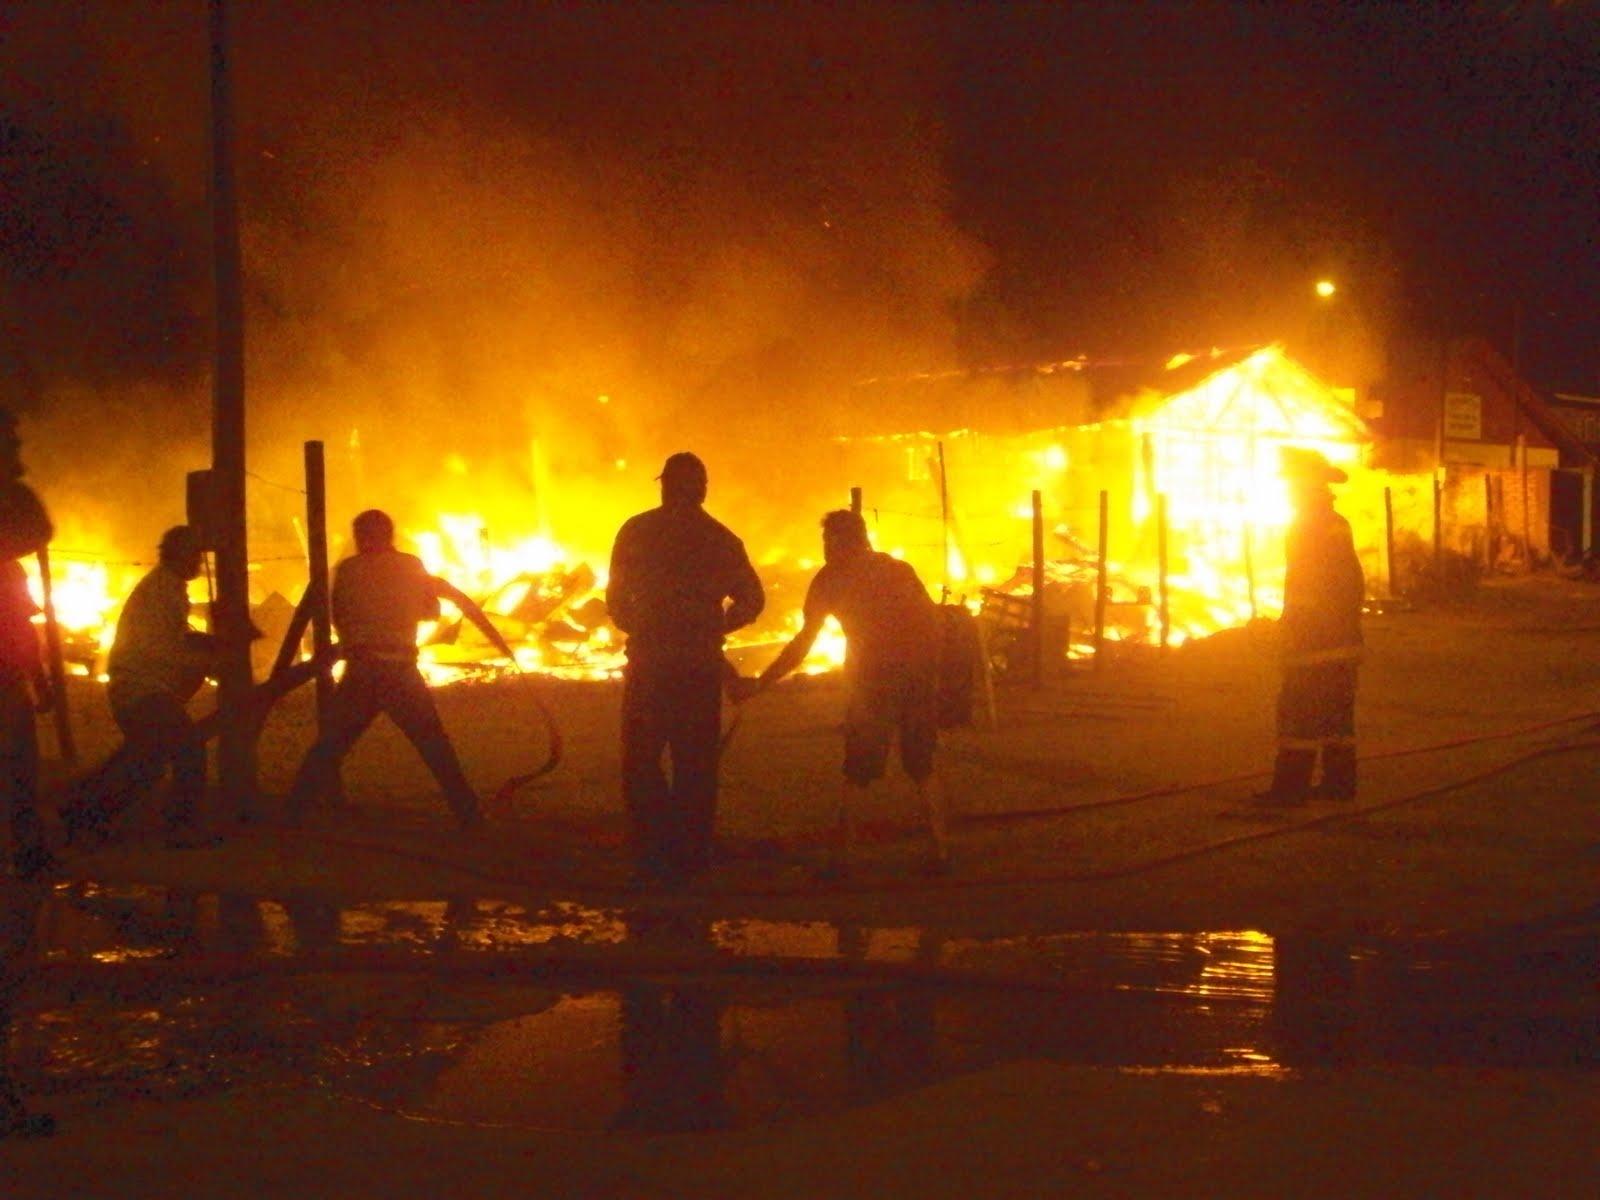 Incendio en el norte de Popayán dejó 55 viviendas afectadas